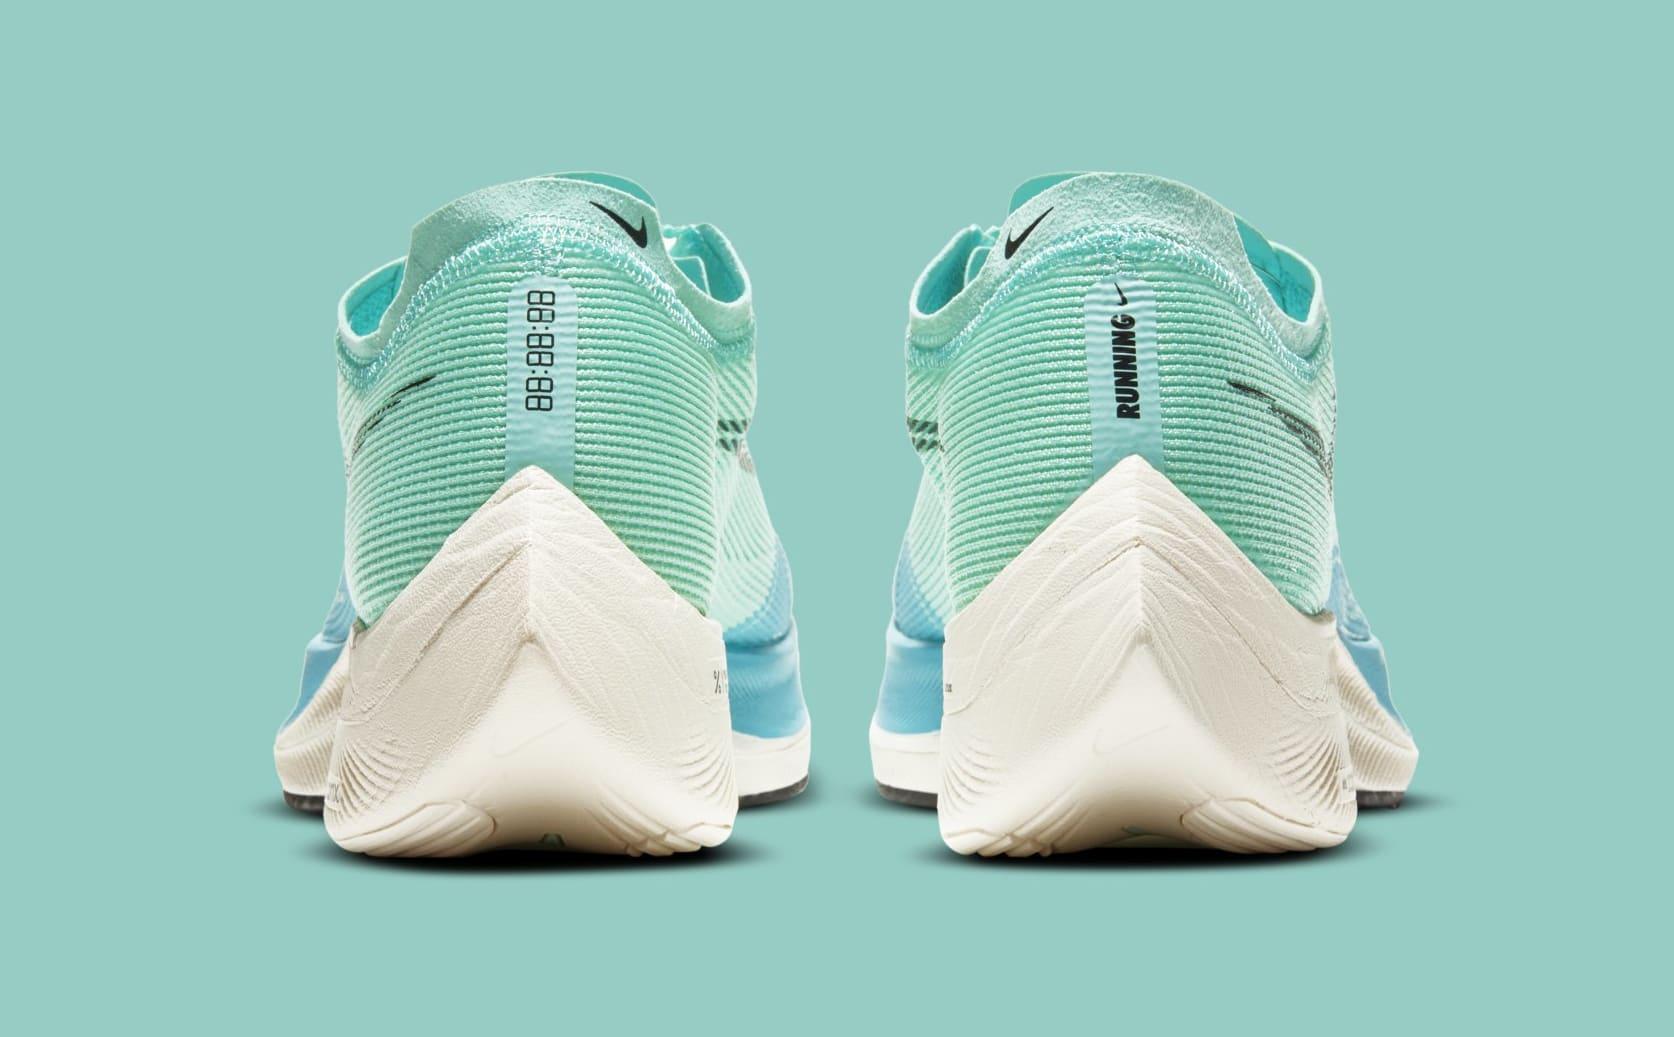 Nike Zoom Vaporfly Next% 2 CU4111-300 Heel